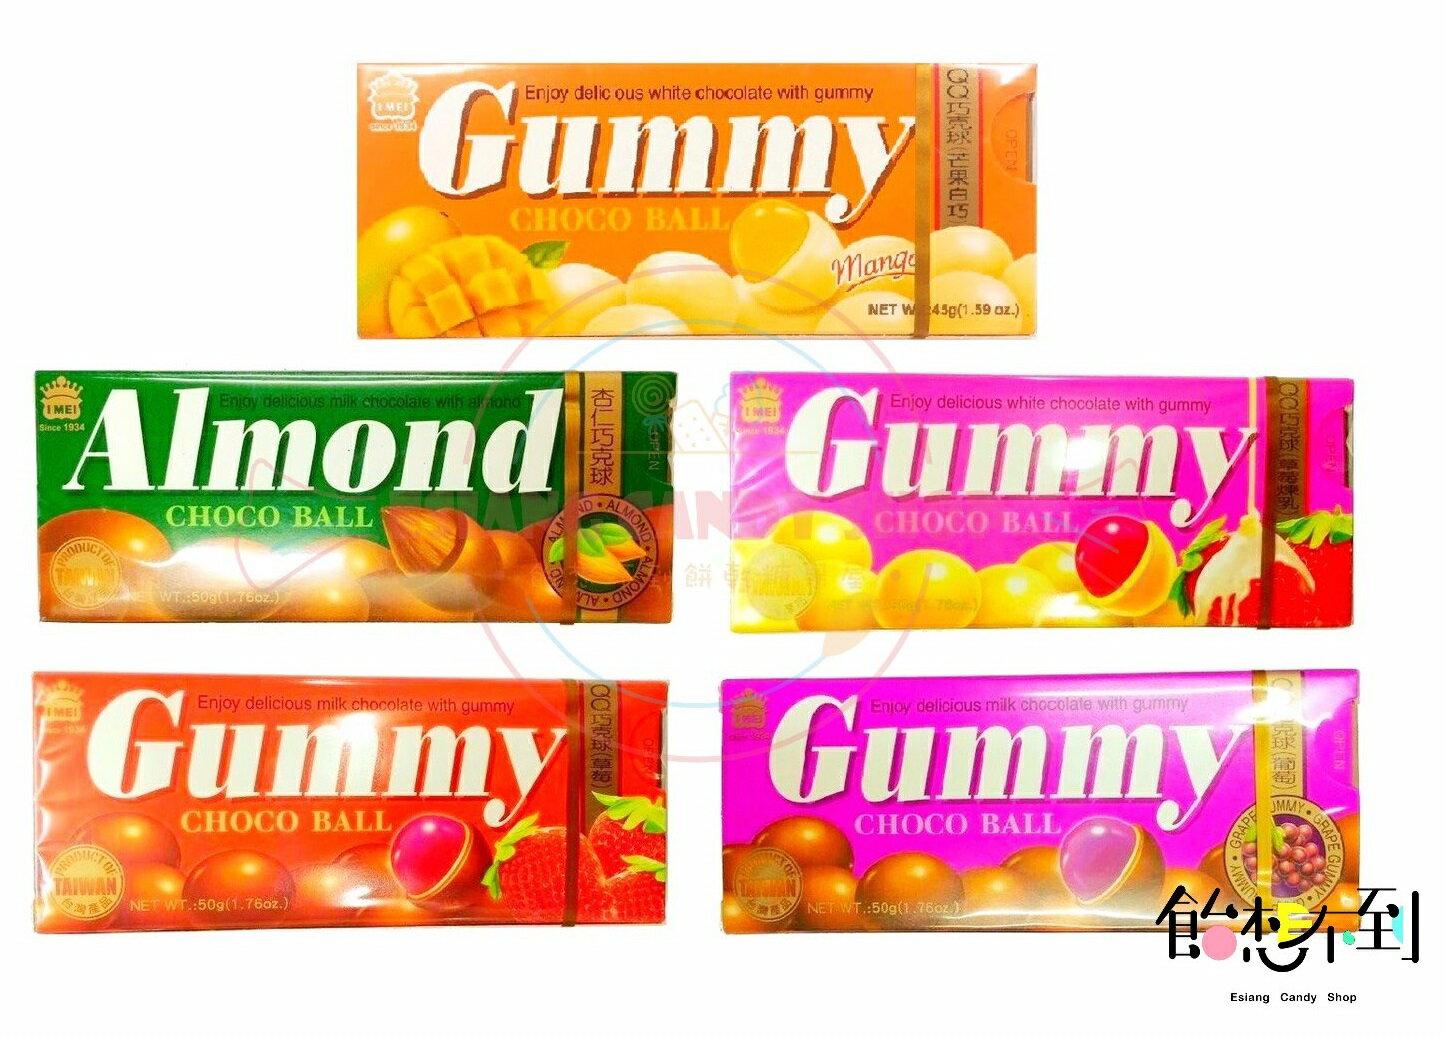 〚義美〛巧克力球50g*10入 - 杏仁/葡萄QQ /草莓煉乳QQ/草莓QQ/芒果QQ (整盒販售)